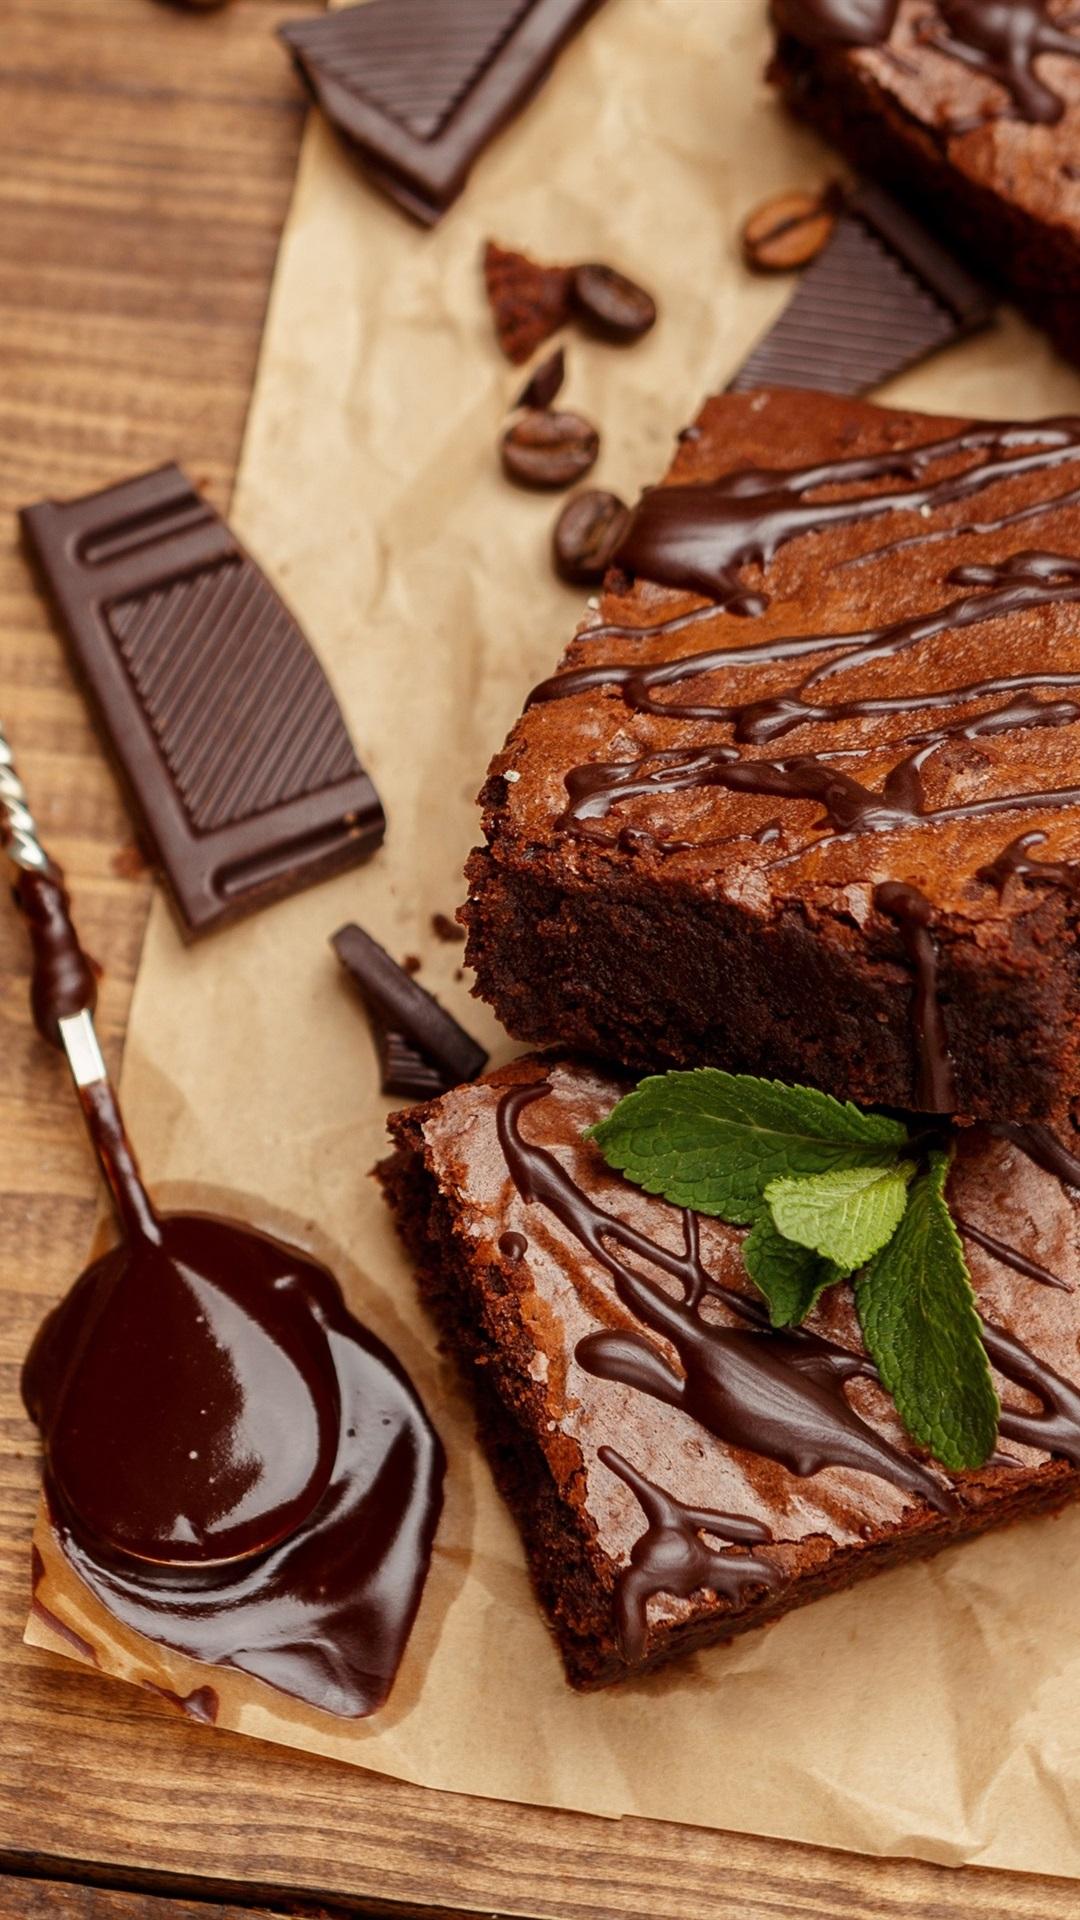 チョコレートケーキ 食べ物 デザート 1080x1920 Iphone 8 7 6 6s